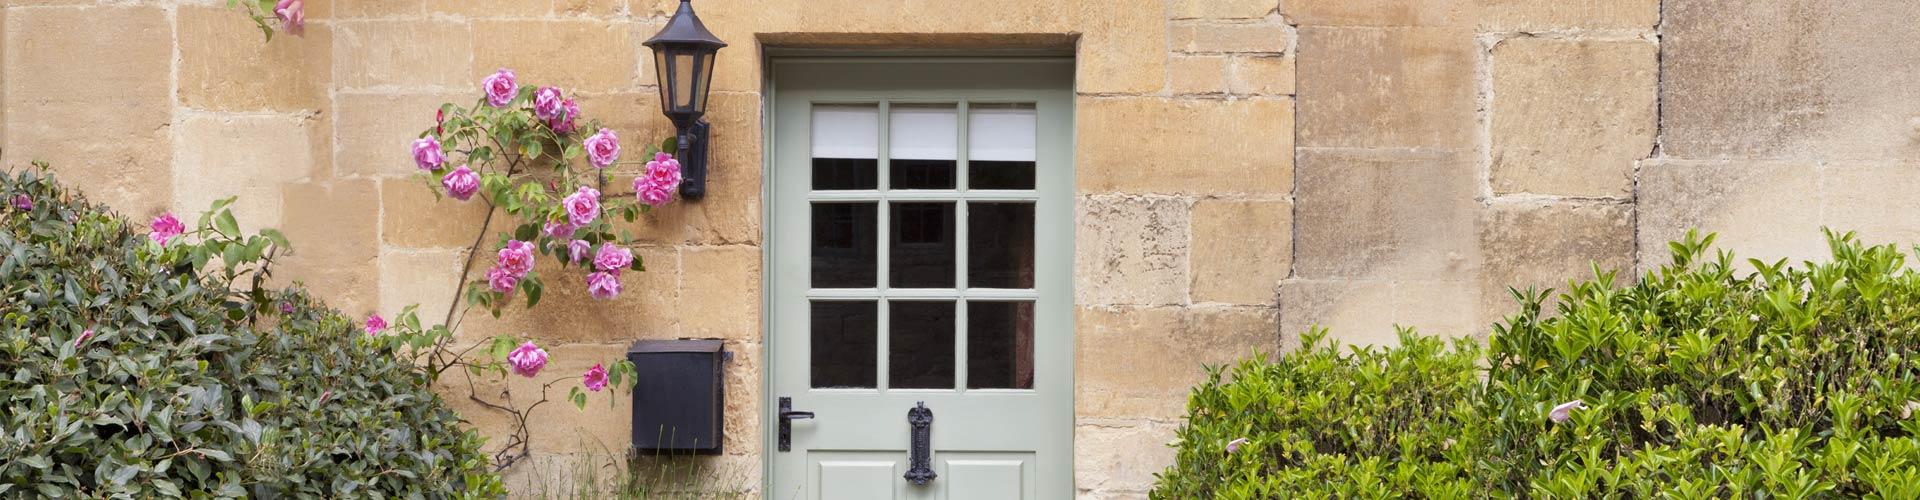 Alte Gemäuer mit Rosenbusch und einer Holztür